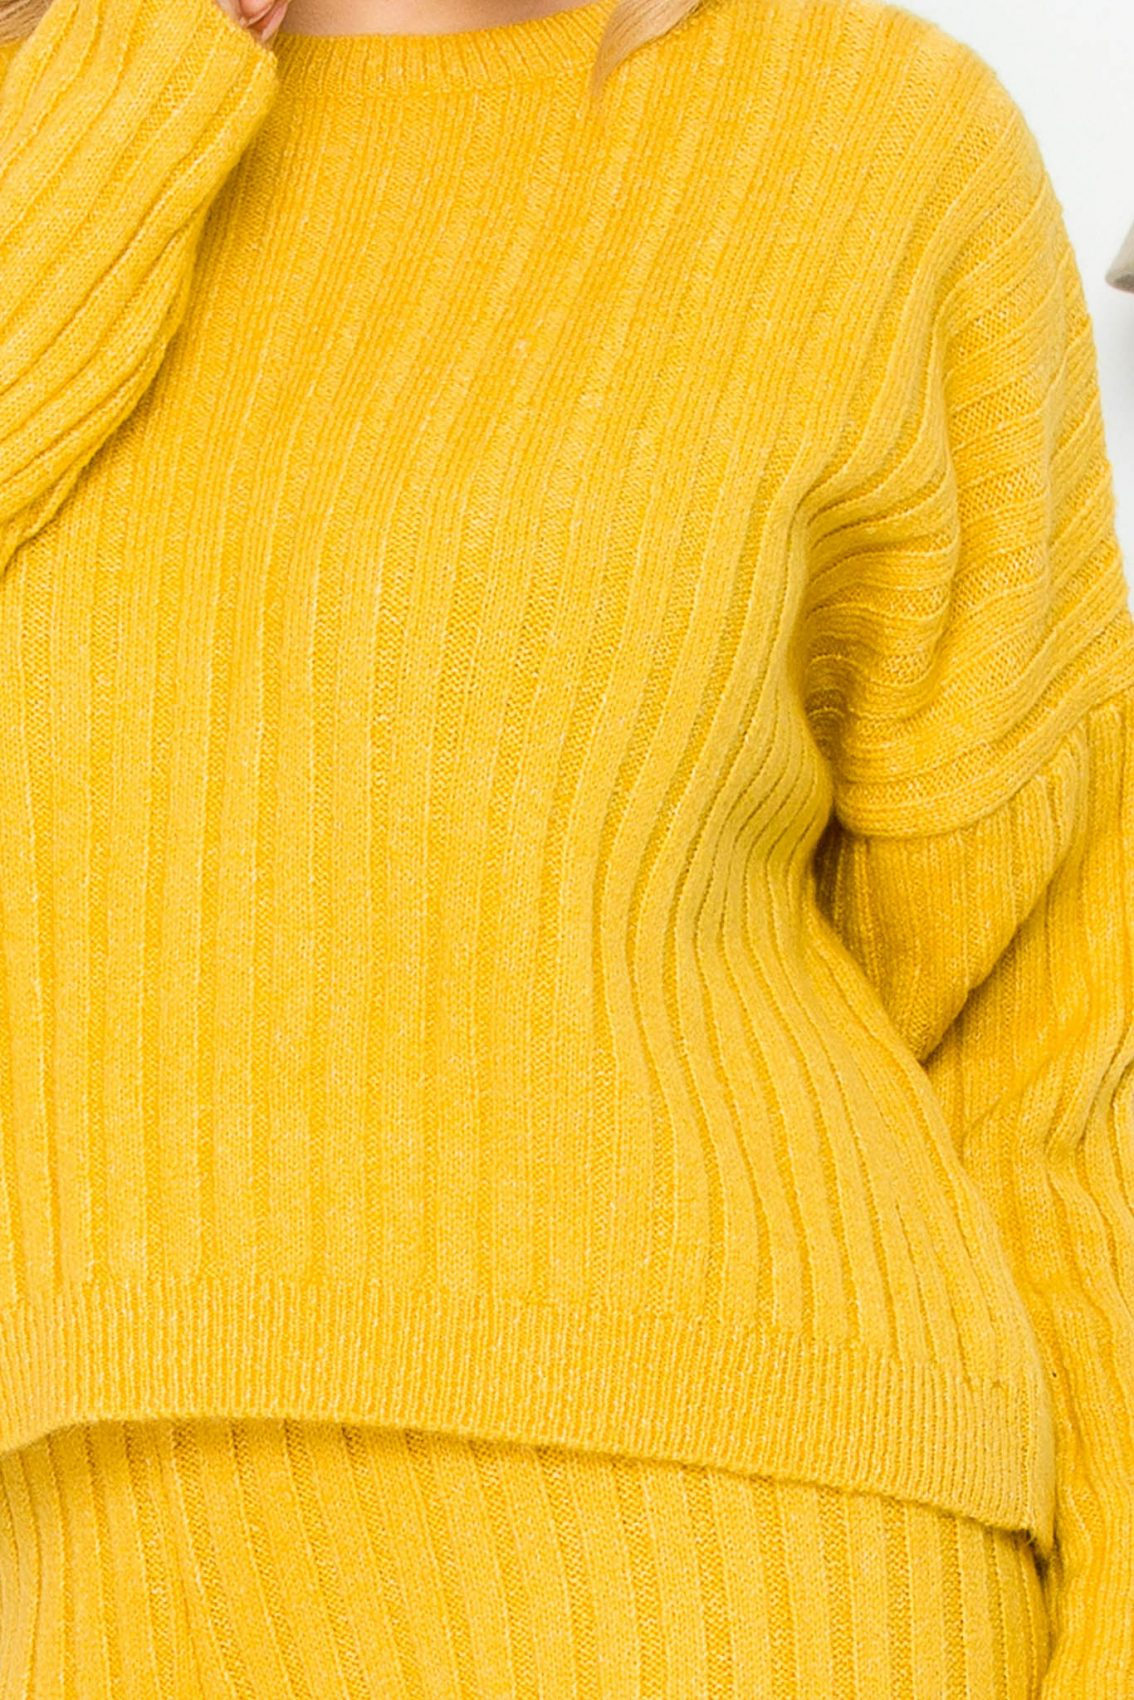 Κίτρινο Πλεκτό Σετ Arely 9265 2